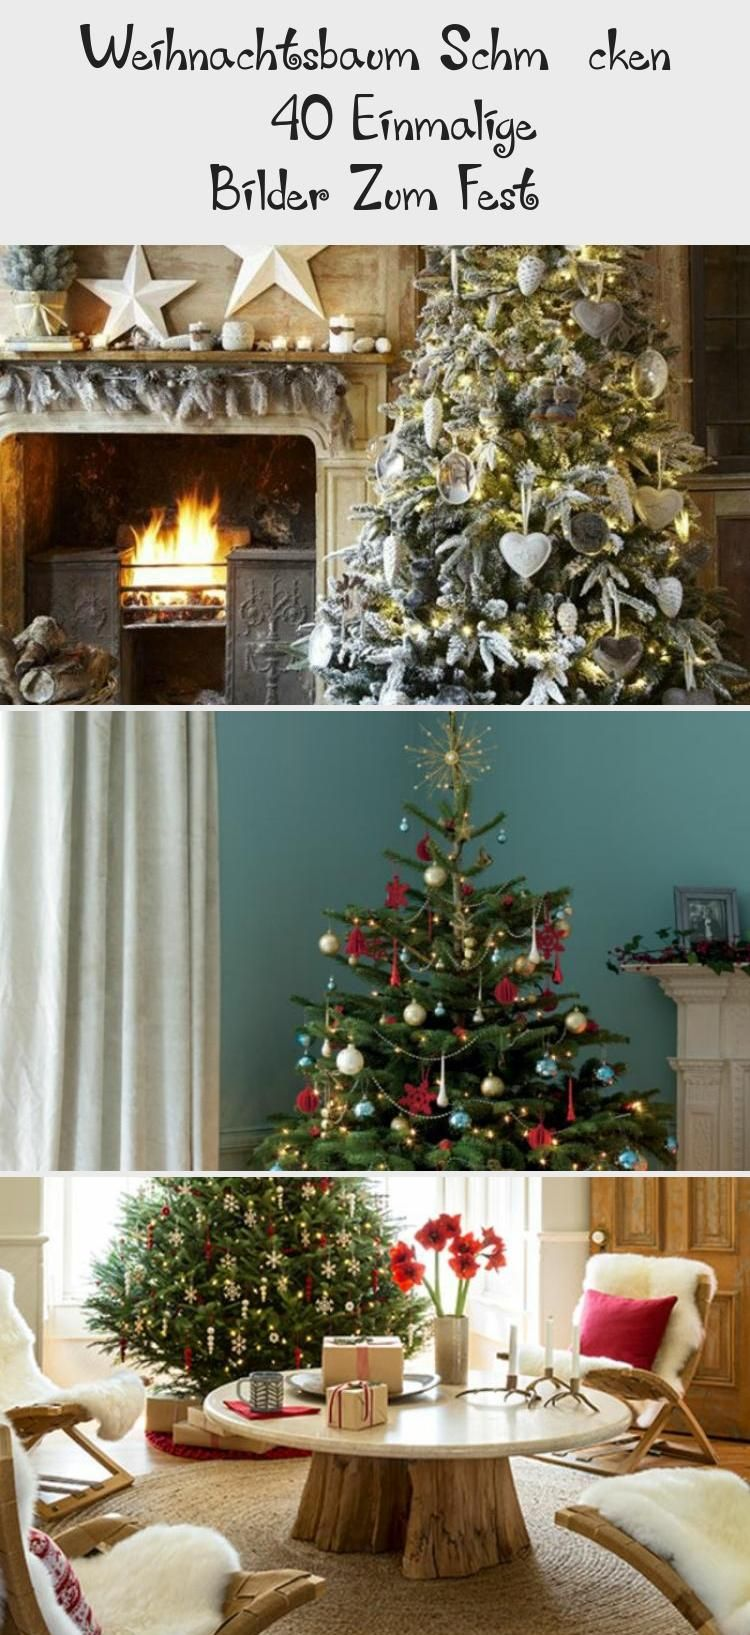 Weihnachtsbaum Schmücken – 40 Einmalige Bilder Zum Fest